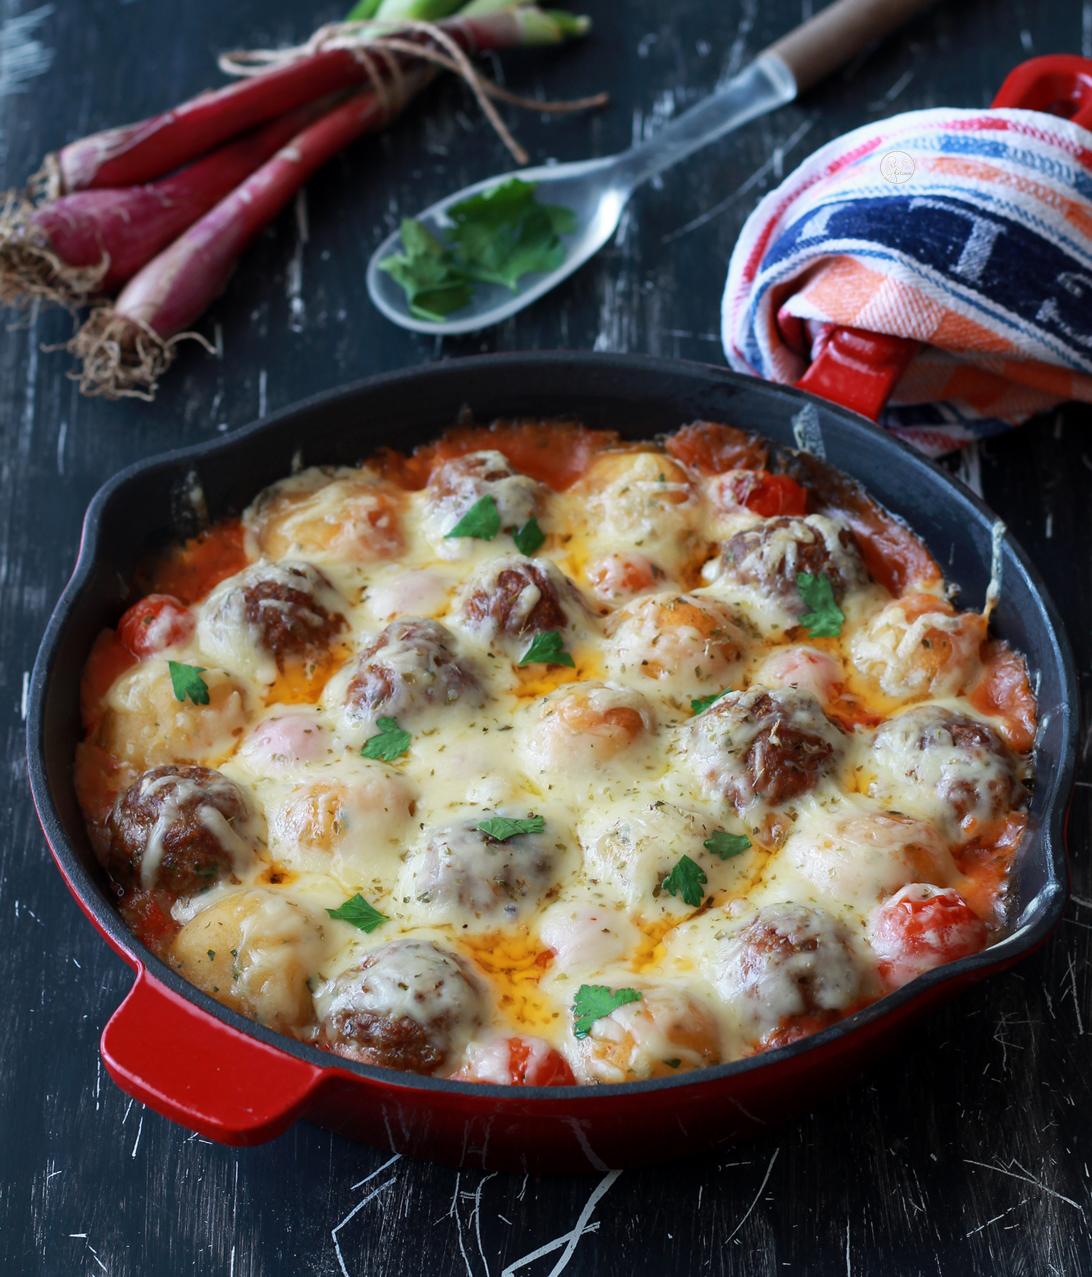 Pasticcio di polpette al forno senza glutine - La Cassata Celiaca